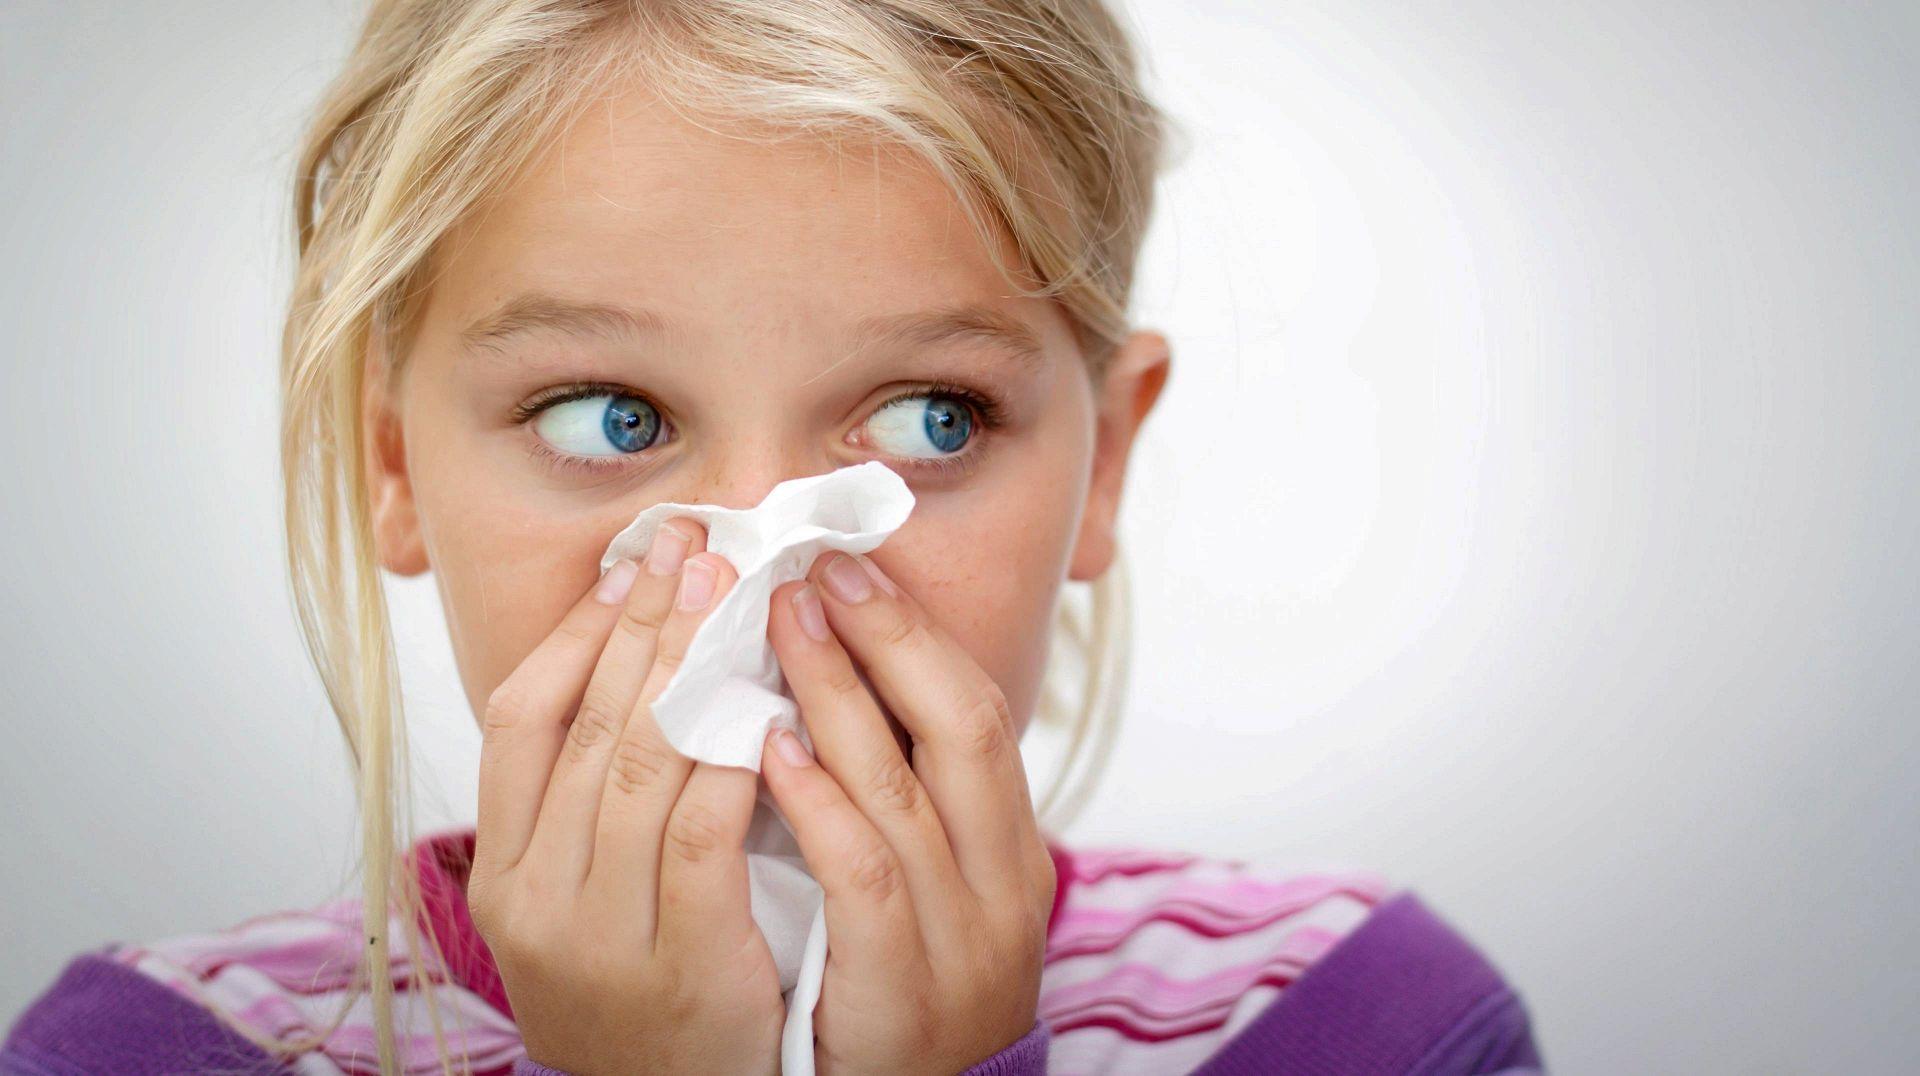 Гайморит у детей: лечение лекарственными препаратами и народными средствами